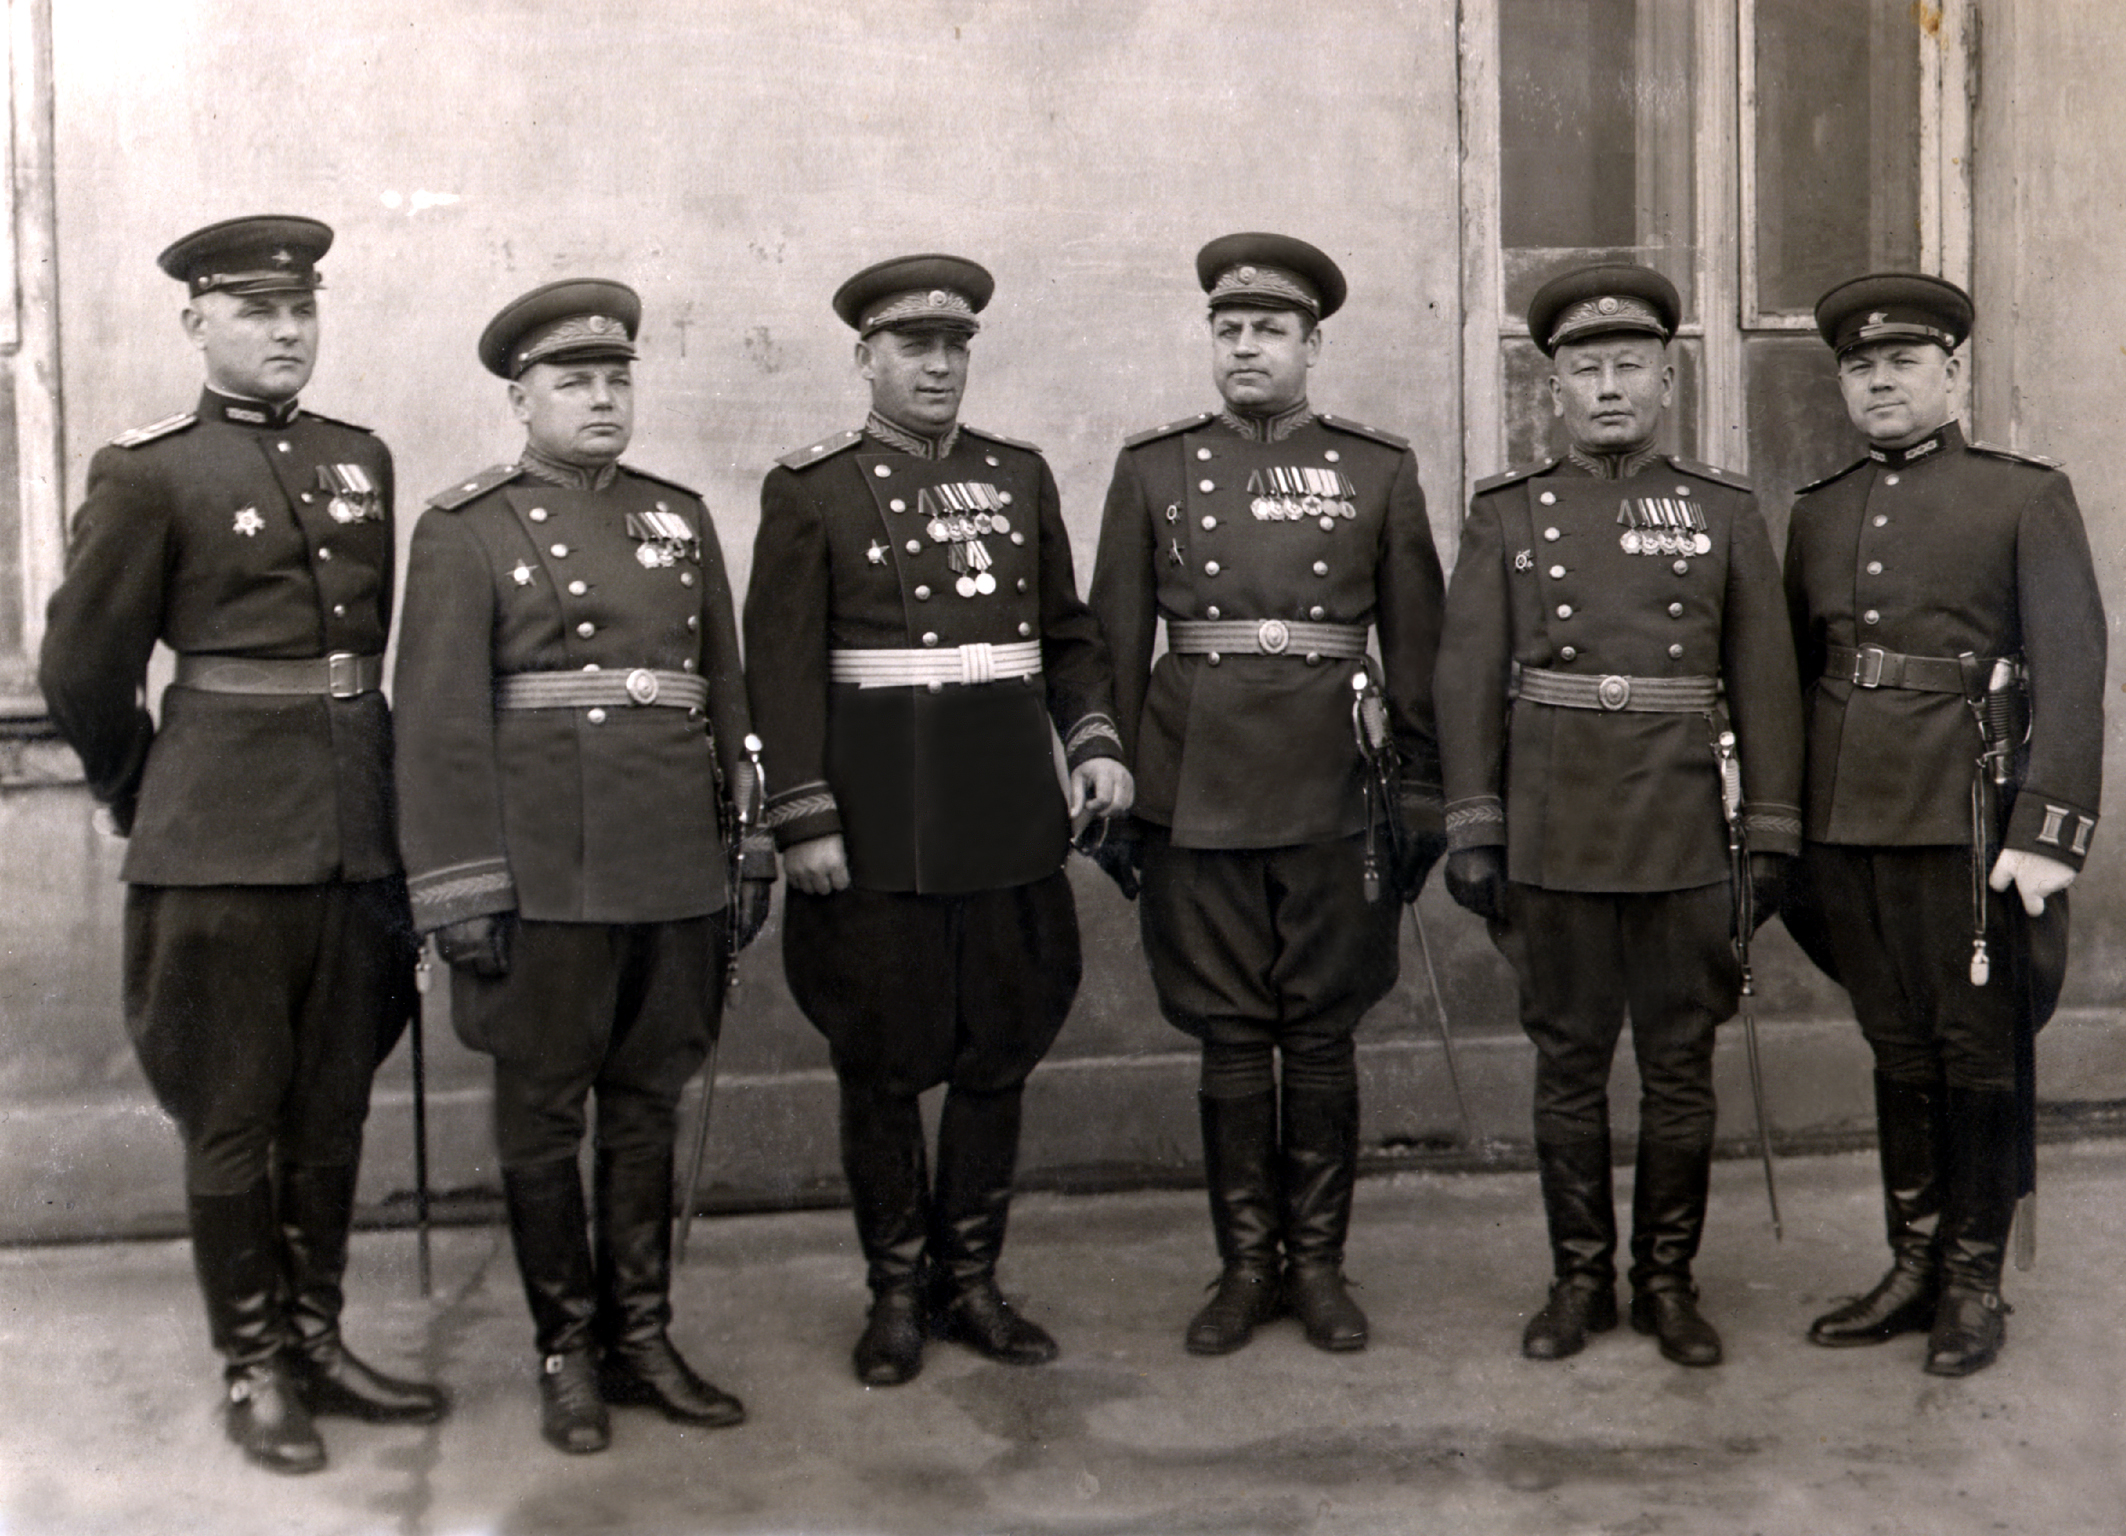 Первый советский казах, удостоенный высшеговоинского звания генерал-майор -генерал-майор технических войск в отставкеДжексенбаев Шакир Джексенбаевич